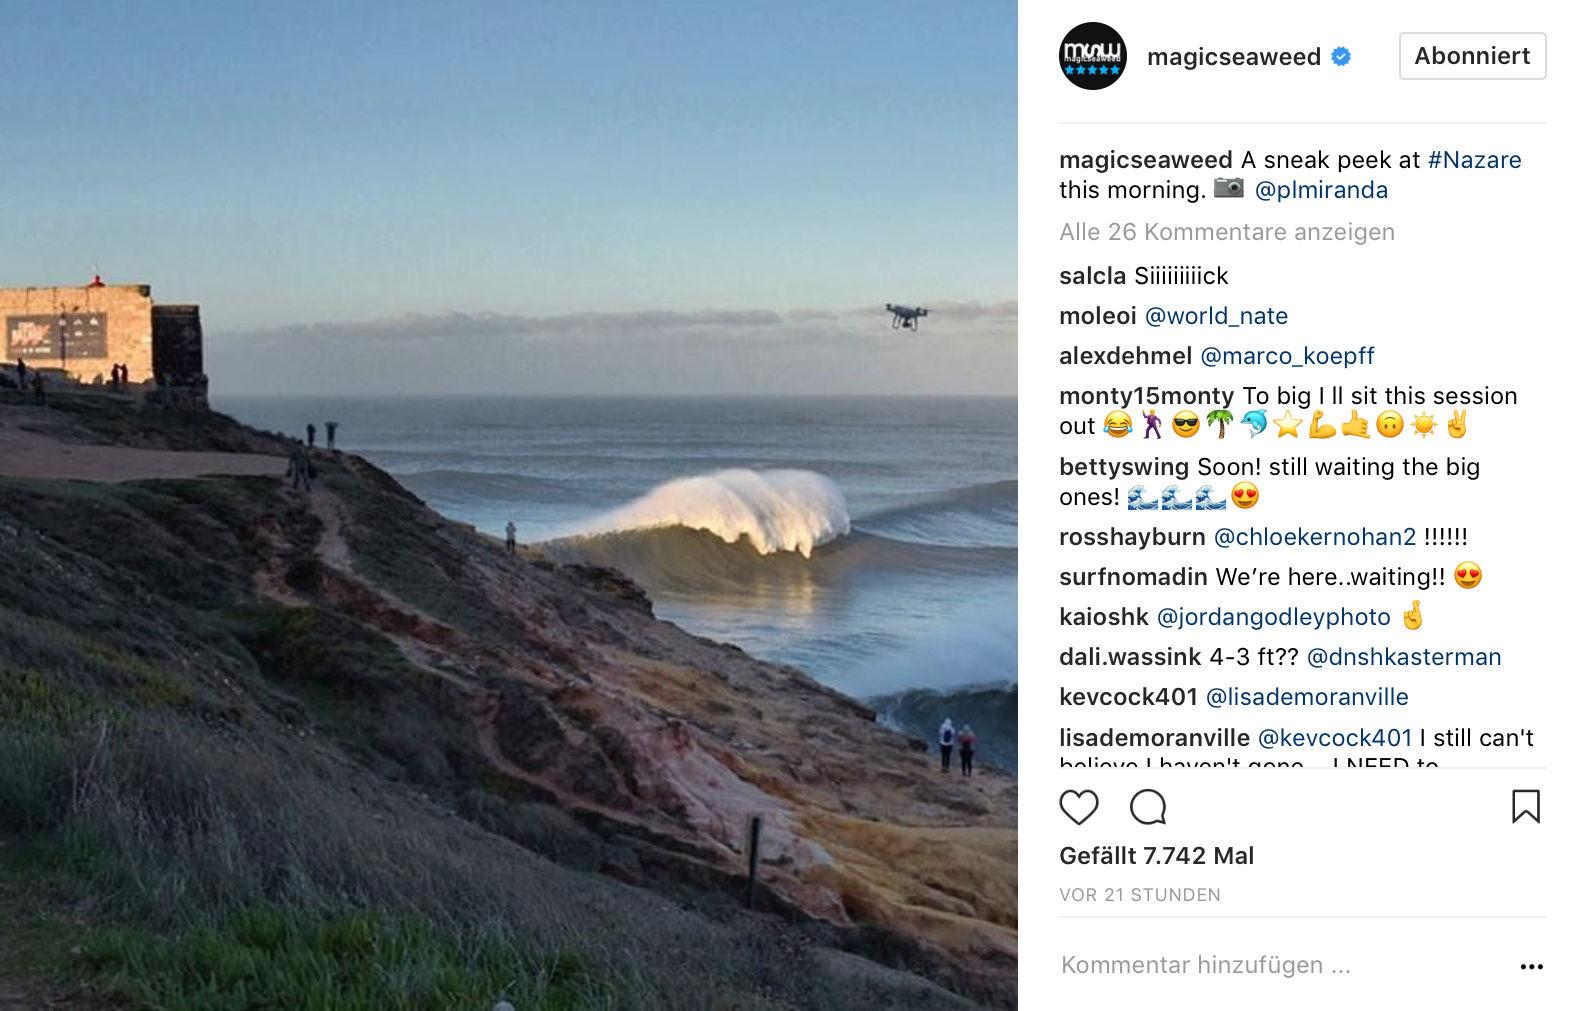 Ab einer gewissen Größe ist es schwer zu sagen wie groß die Wellen wirklich sind.